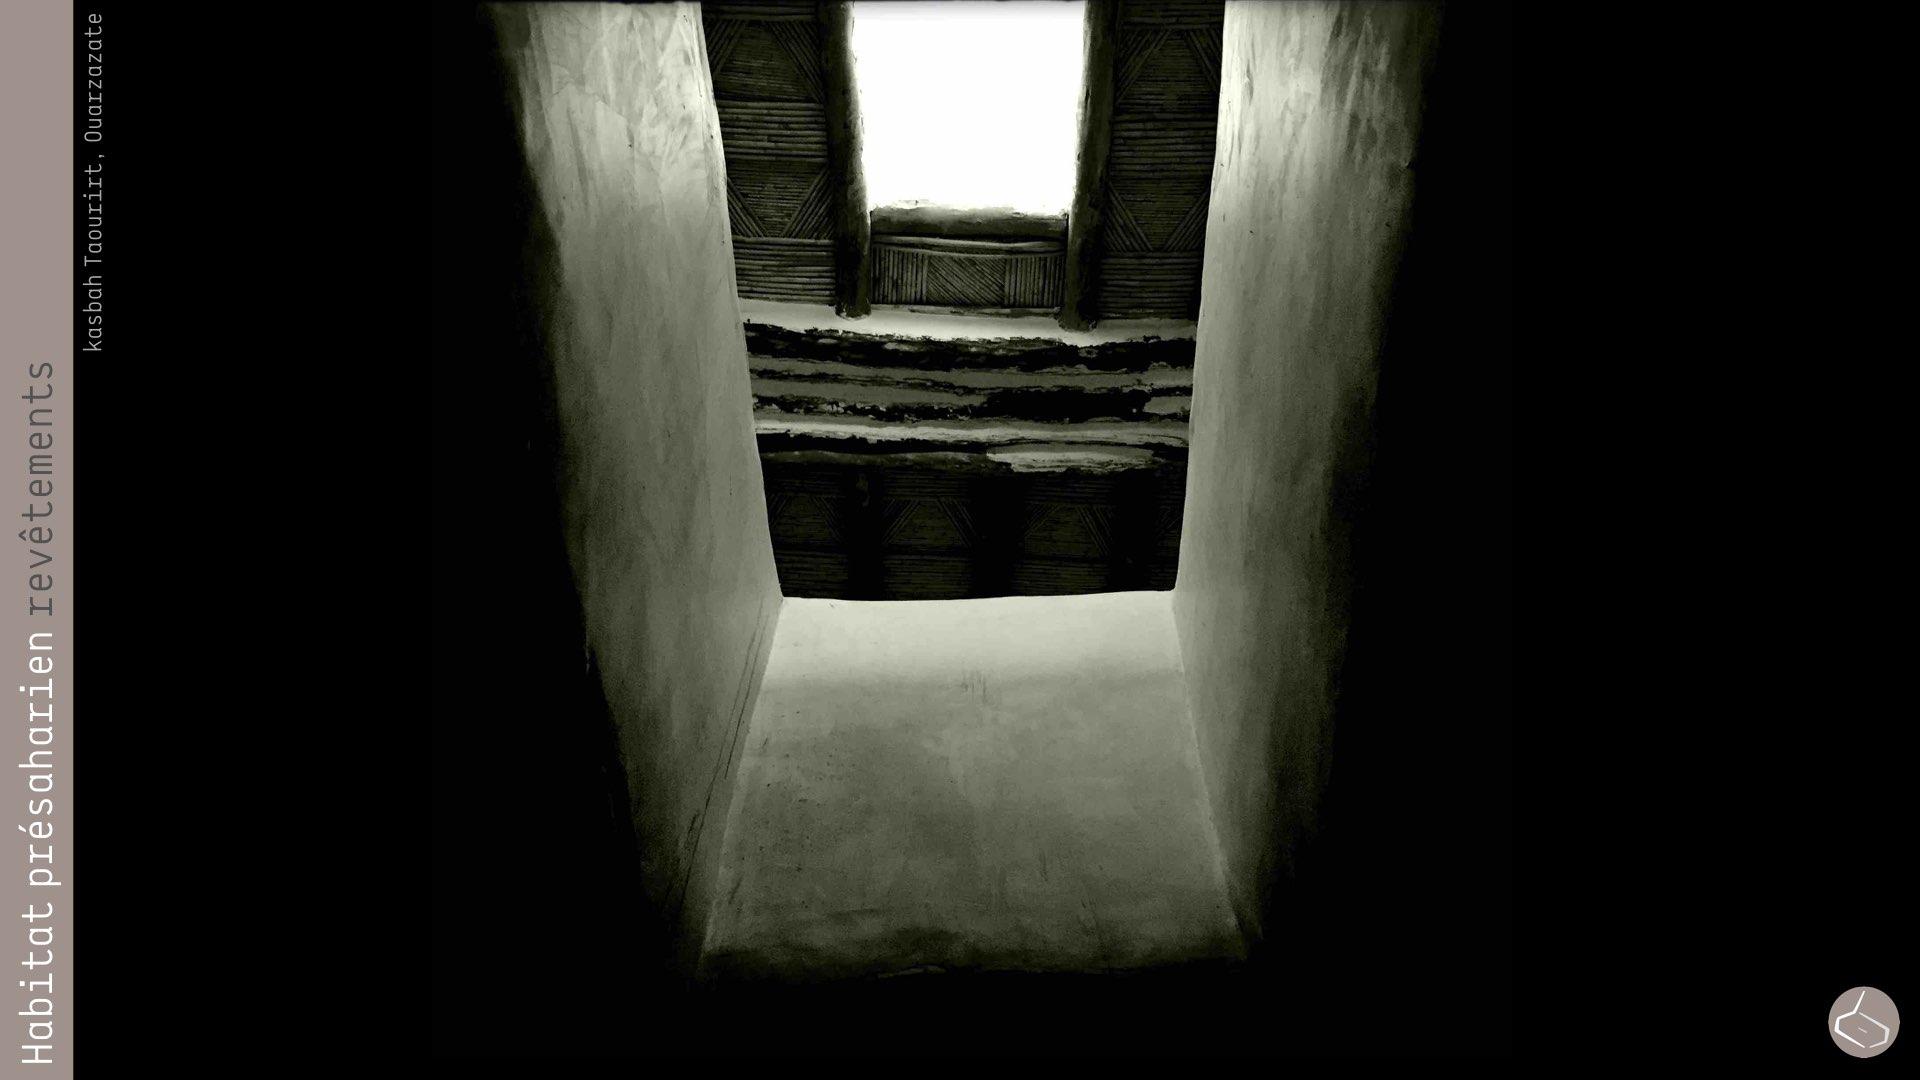 66. Actuellement il est utilisé, avec des résultats magnifiques, dans la restauration de la casbah Taourirt (Ouarzazate), menée par le CERKAS et l'Institut Getty de Los Angeles.       66. Nowadays it is used, with great results, in the restoration of the casbah Taourirt (Ouarzazate), led by CERKAS and the Getty Institute of Los Angeles.     Casbah Taourirt, Ouarzazate: https://www.facebook.com/carlosperezmarin/media_set?set=a.10153667415963844.1073741891.667383843&type=3